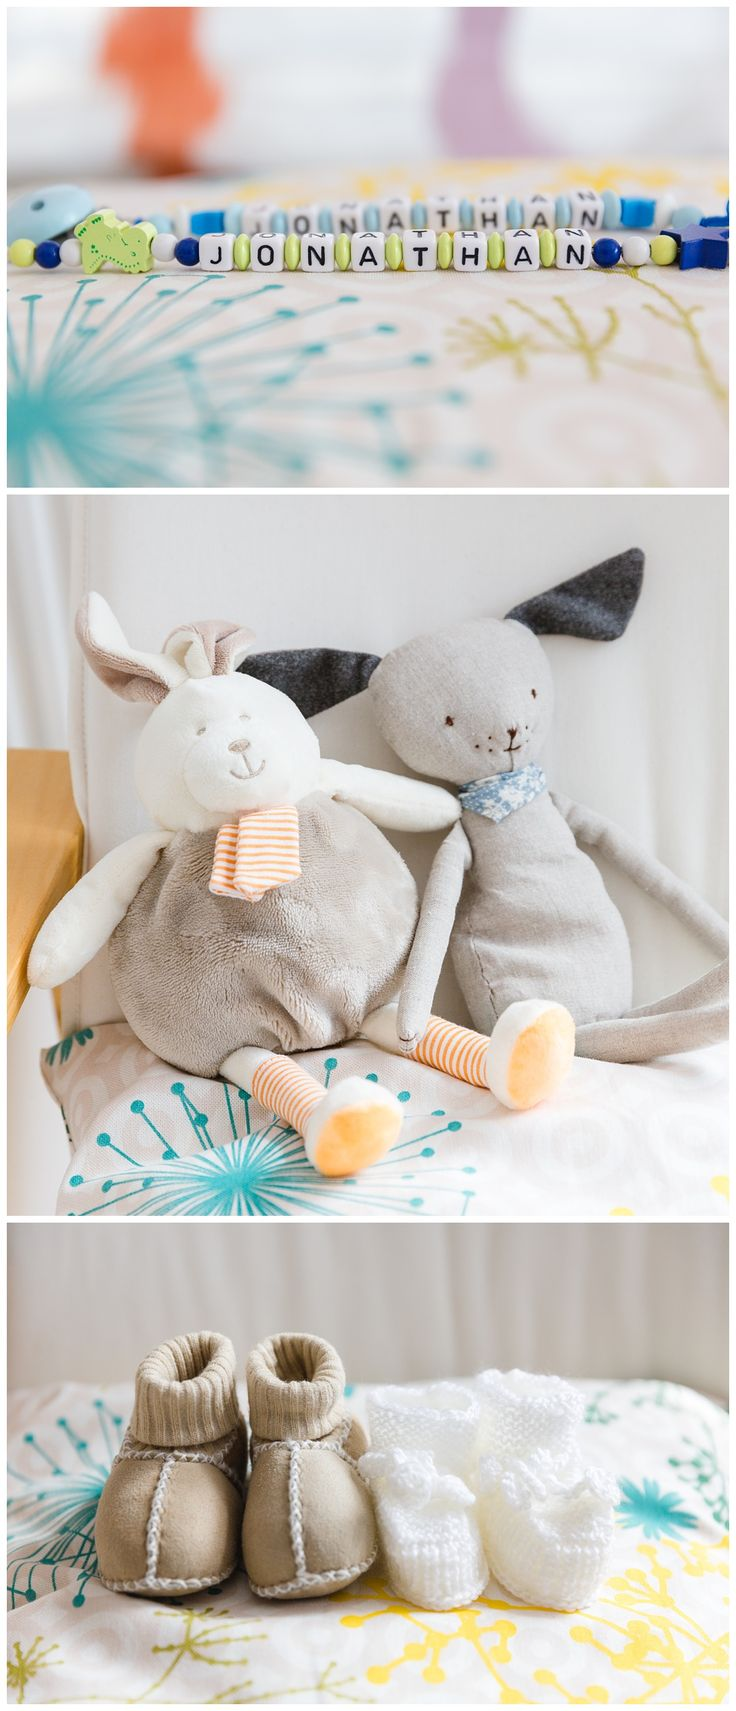 farbe fr das babyzimmer in mint grau und lachs - Babyzimmer Graustreifen